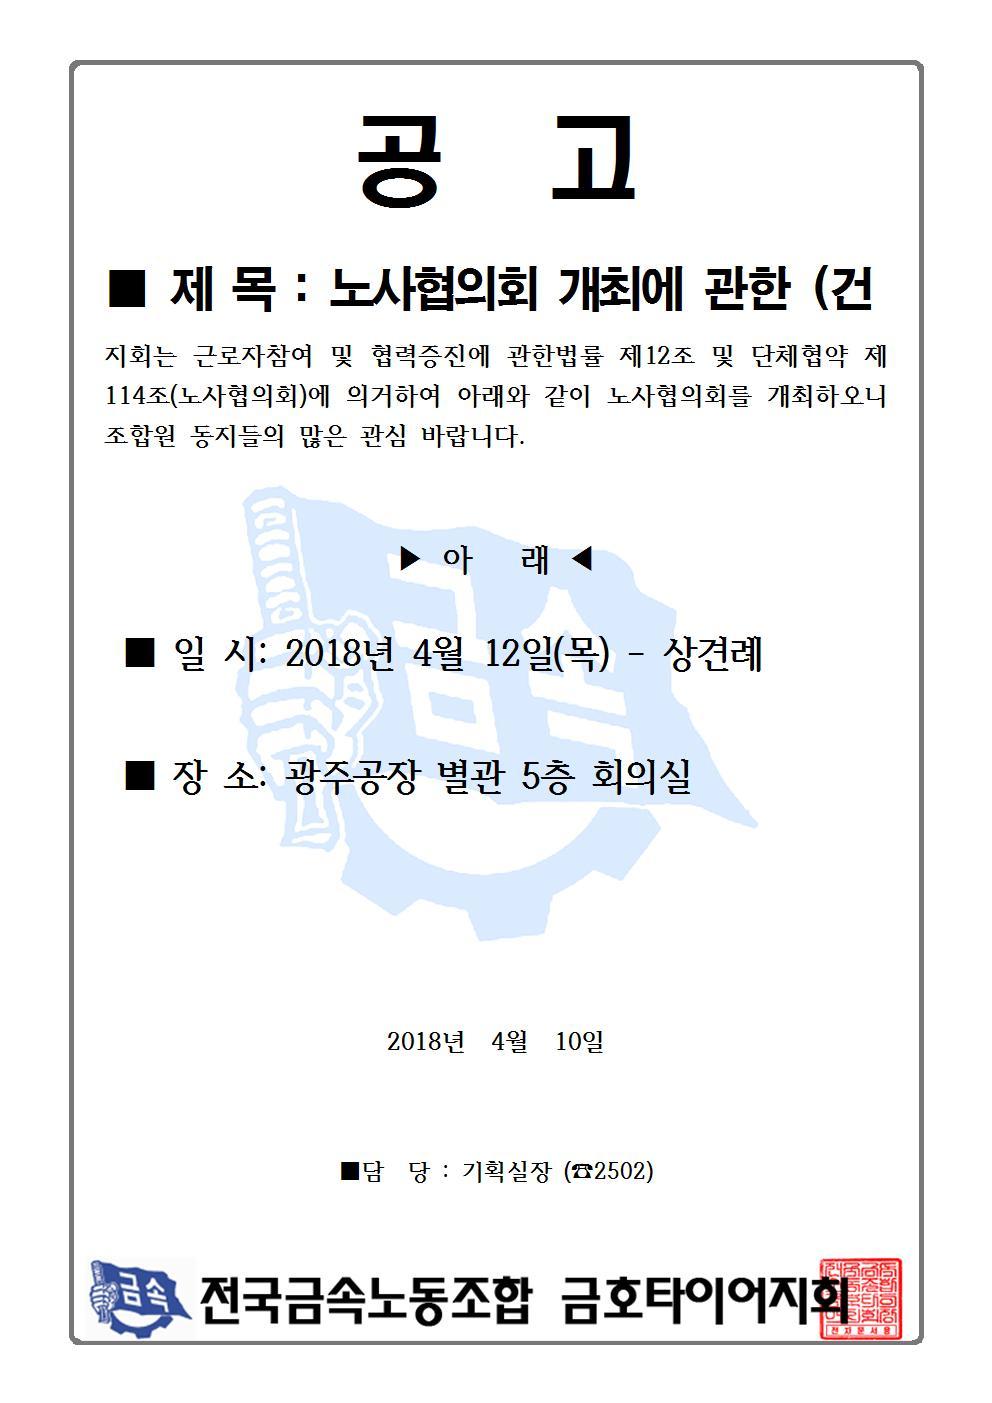 노사협의회 개최공고001.jpg